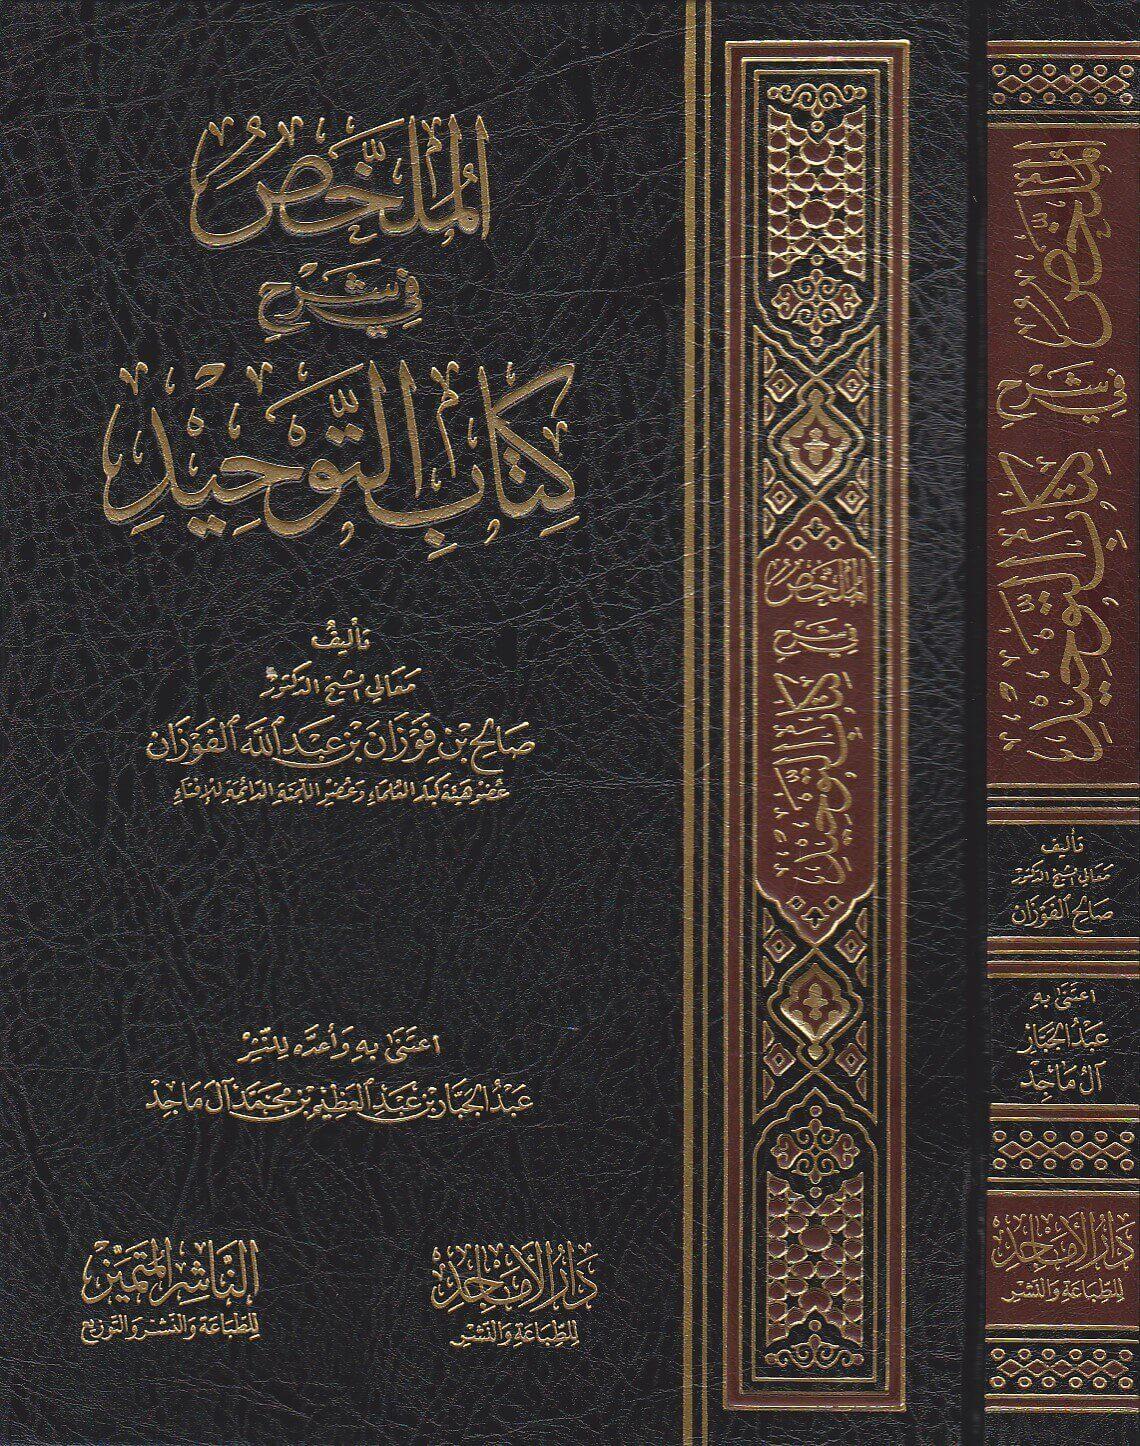 الملخص في شرح كتاب التوحيد محمد بن عبد الوهاب صالح الفوزان Safinat Ul Najat